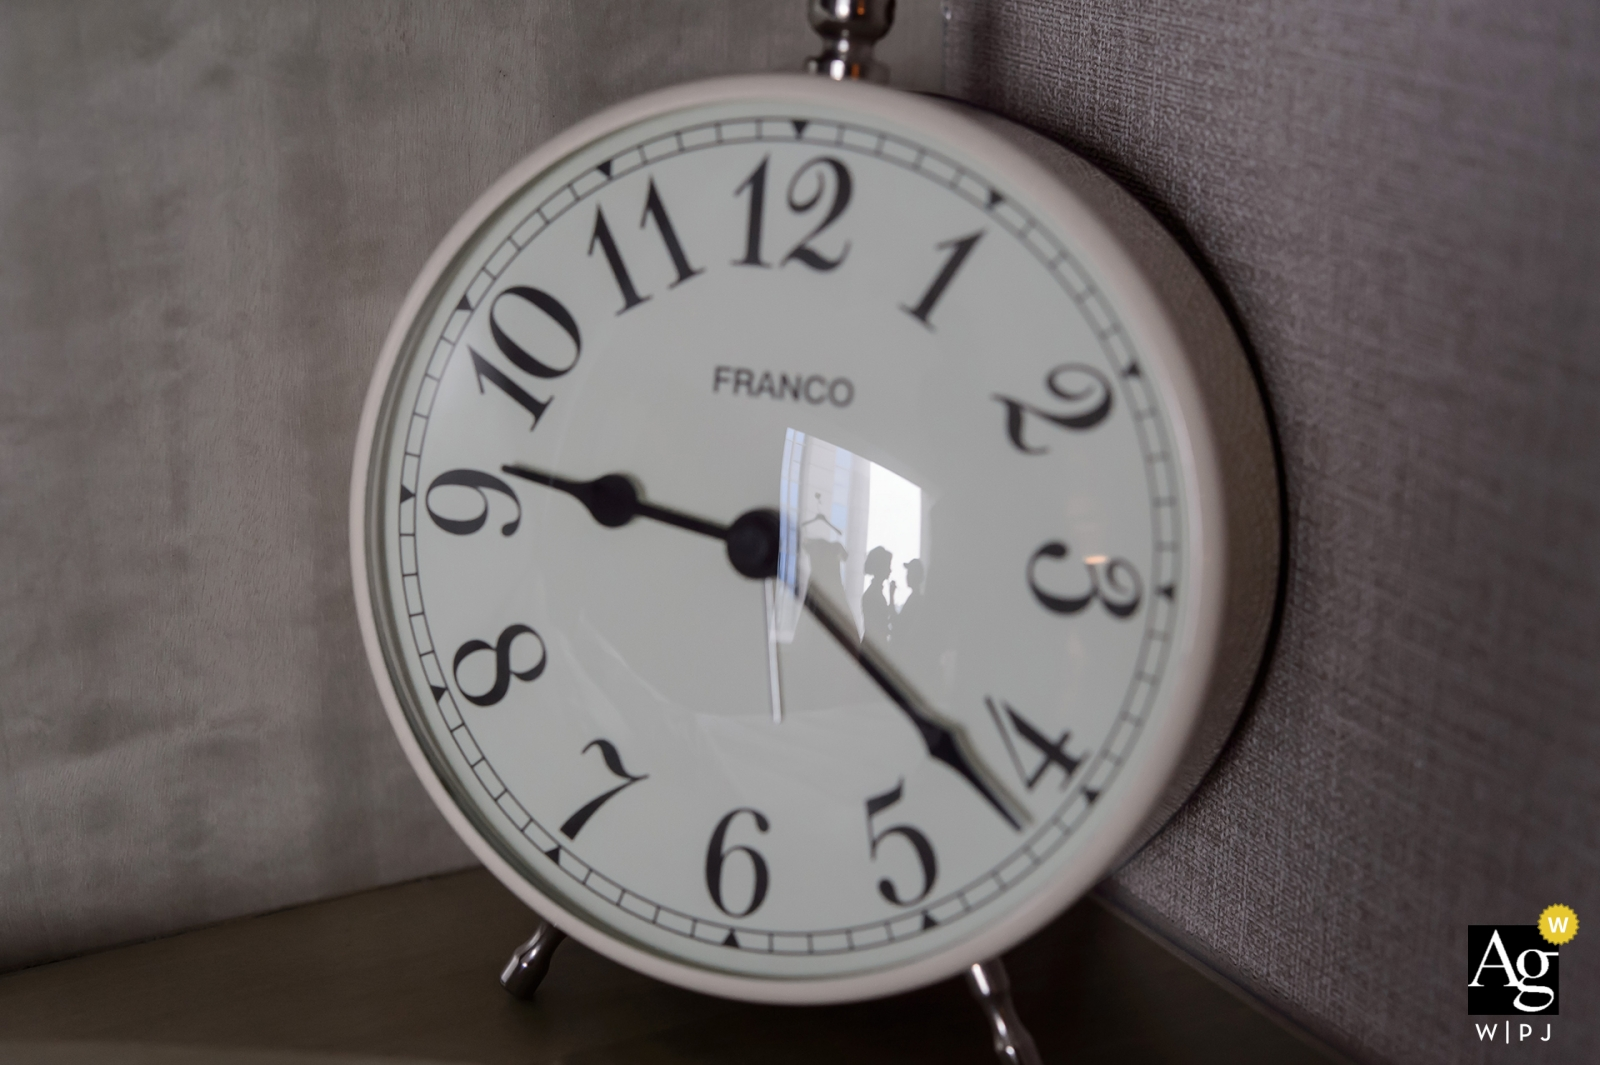 Taipei artystycznych fotografii kreatywnych szczegółów zegara z refleksji oblubienicy przygotowuje